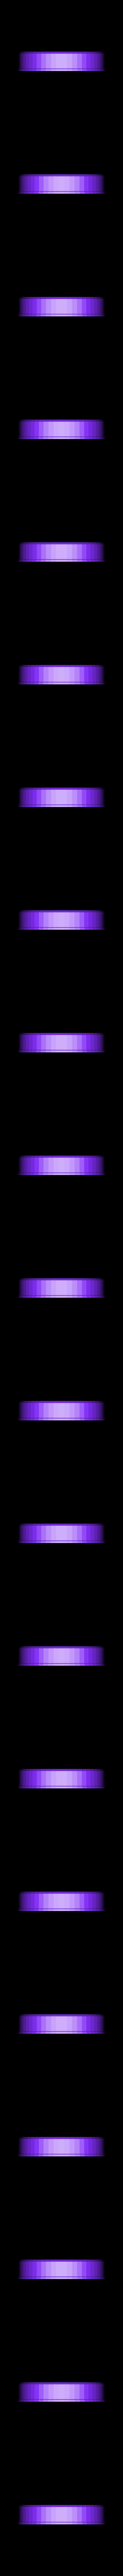 pig2.stl Télécharger fichier STL gratuit M. PORCIN • Design imprimable en 3D, 3DShook